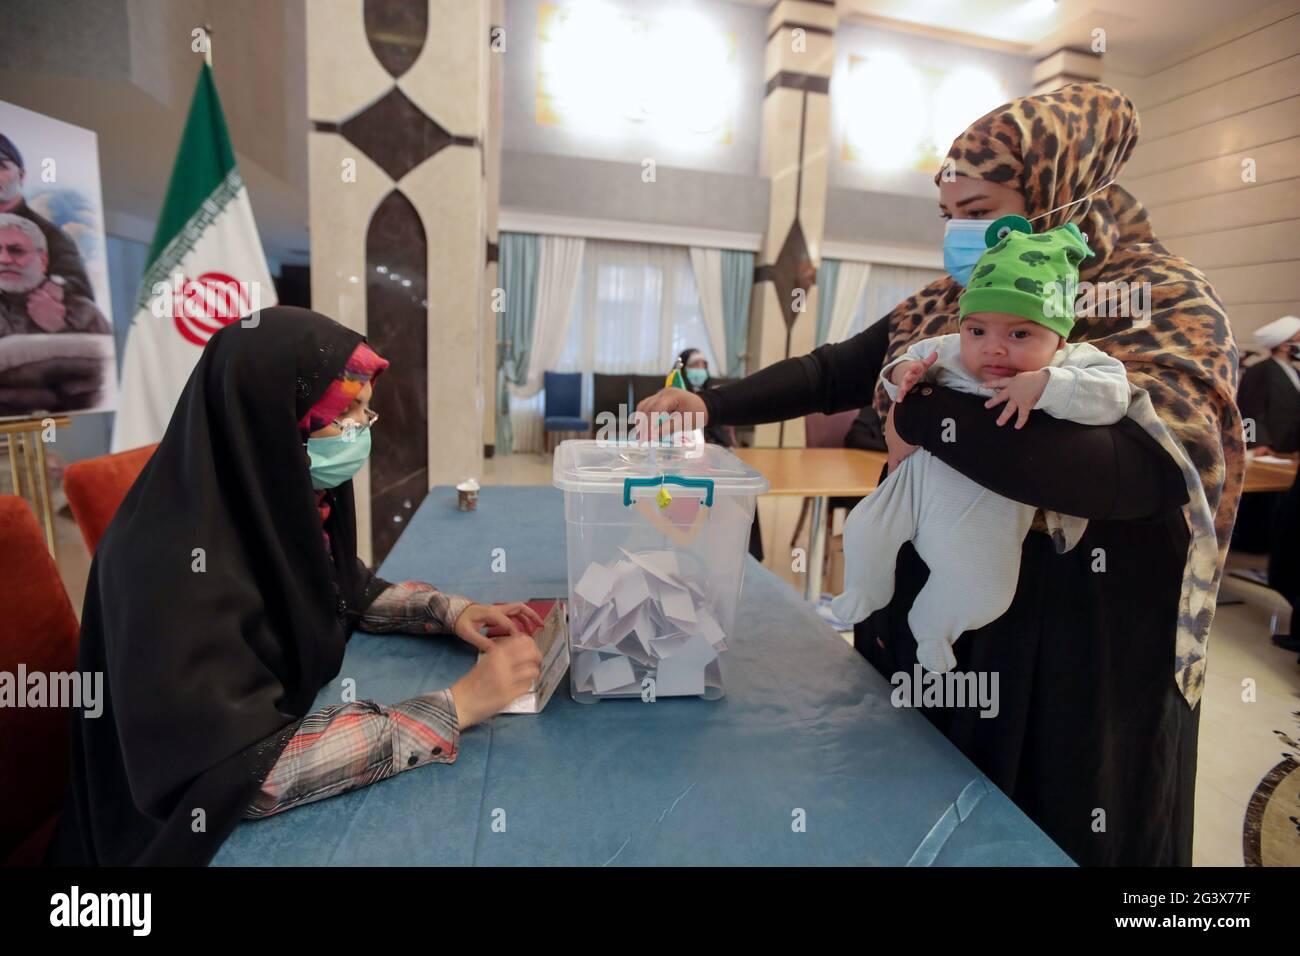 Eine Iranerin stimmt während der iranischen Präsidentschaftswahlen in einem Wahllokal des iranischen Konsulats in Najaf, Irak, am 18. Juni 2021 ab. REUTERS/Alaa Al-Marjani Stockfoto